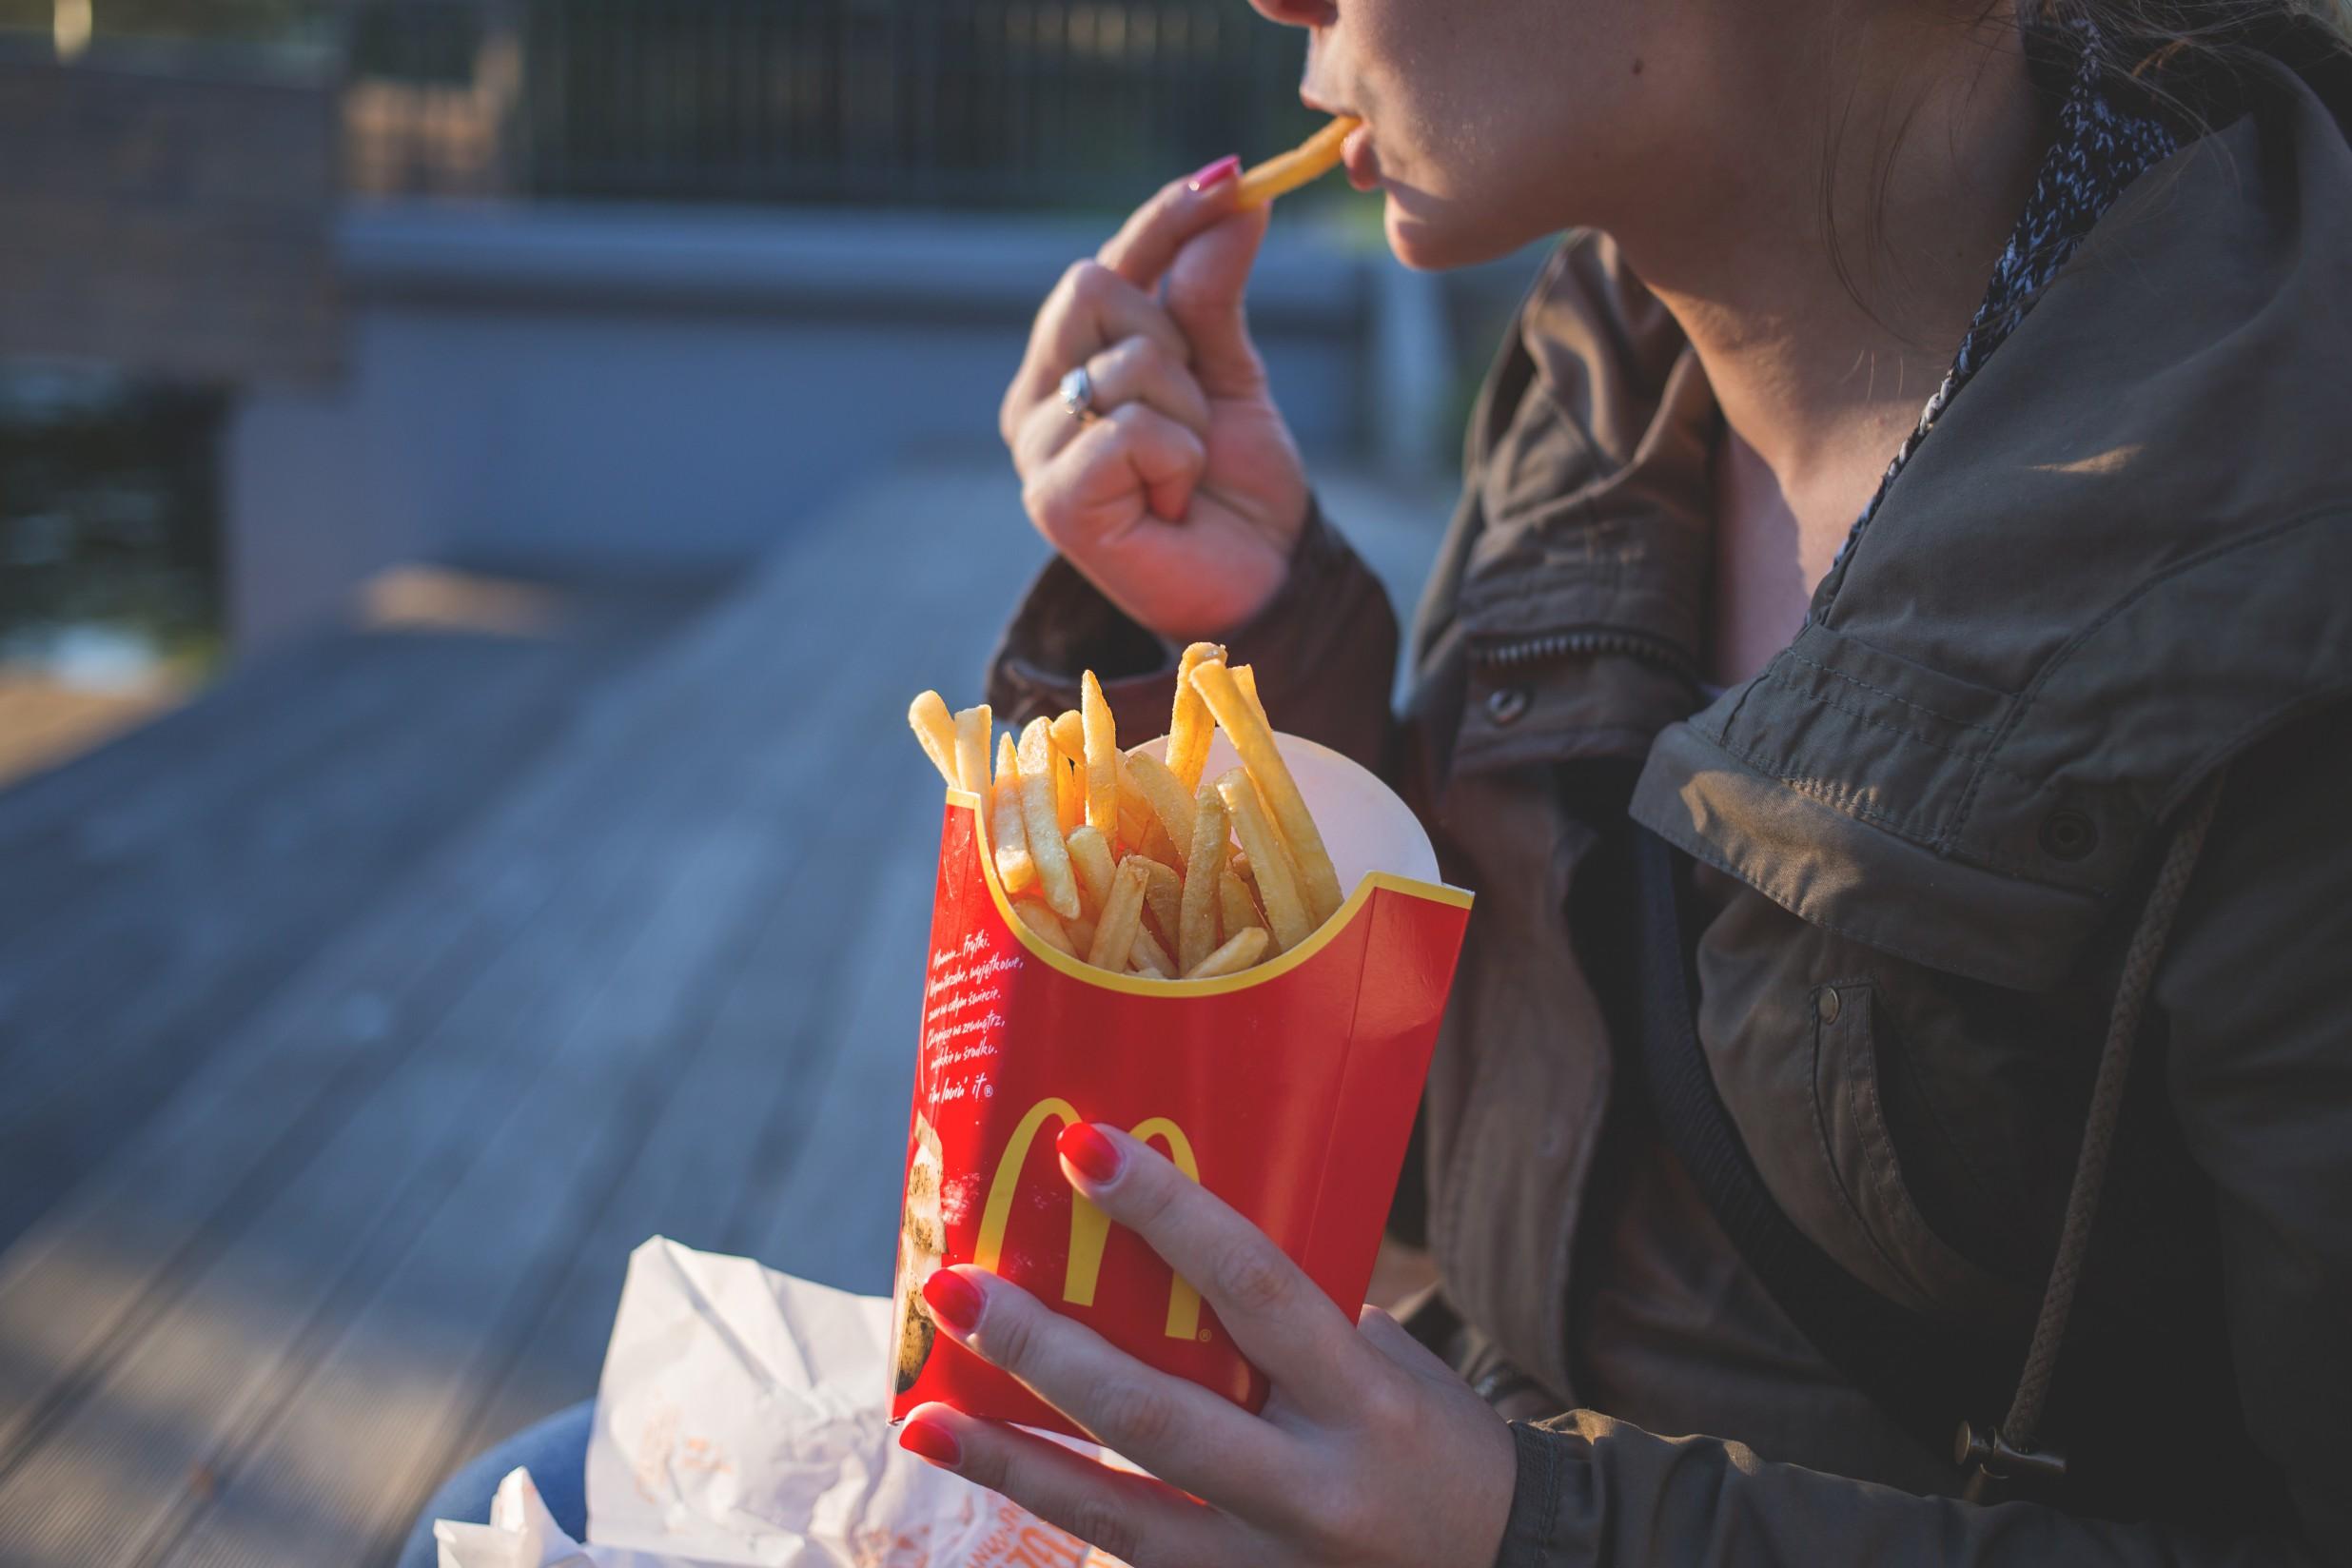 McDonald's je največja veriga restavracij s hitro prehrano na svetu.